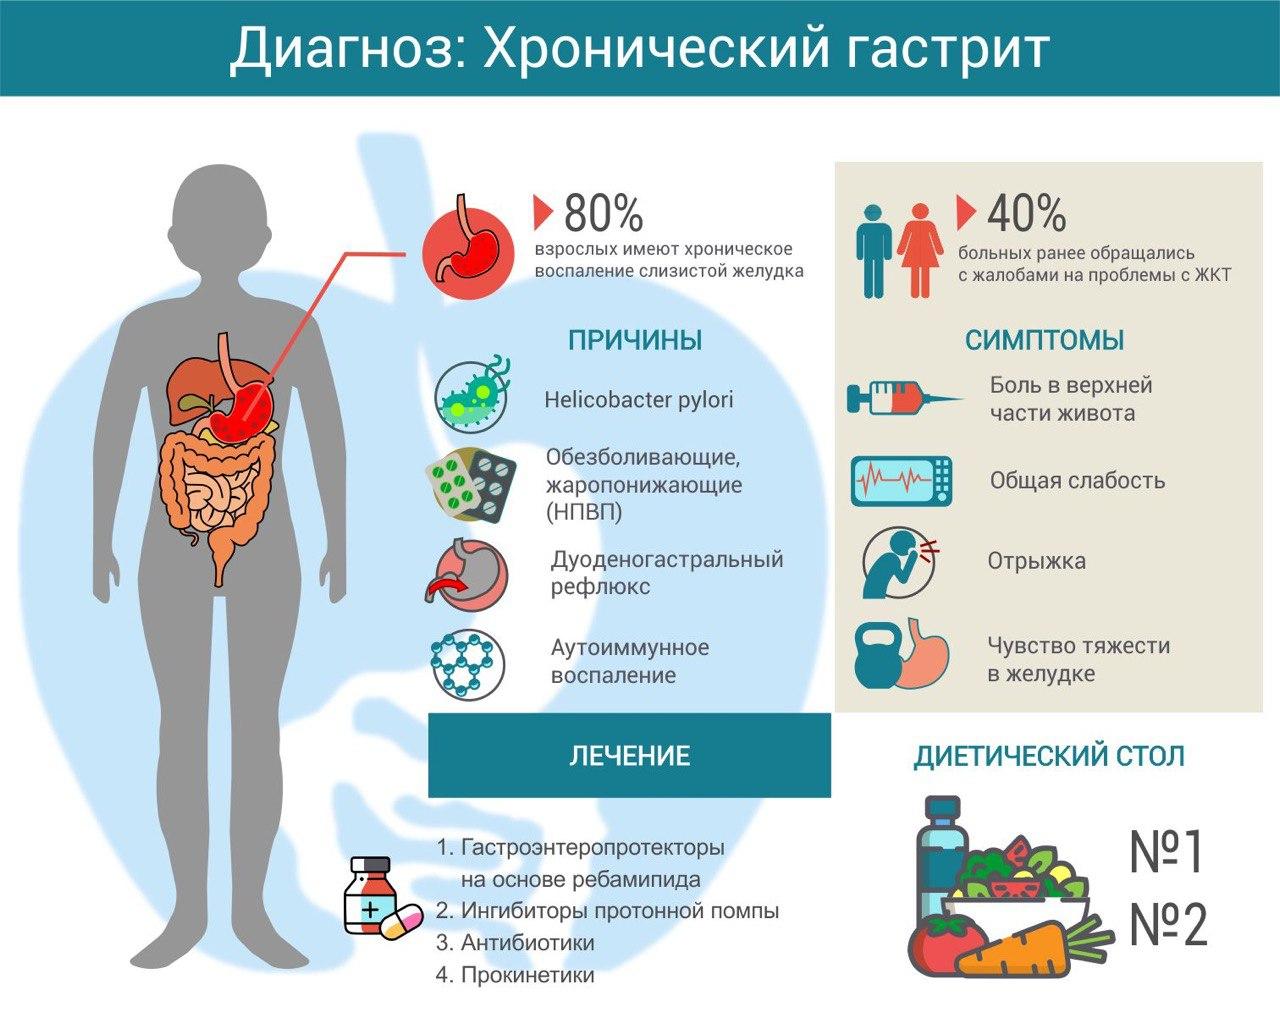 Гастрит: симптомы и лечение – напоправку